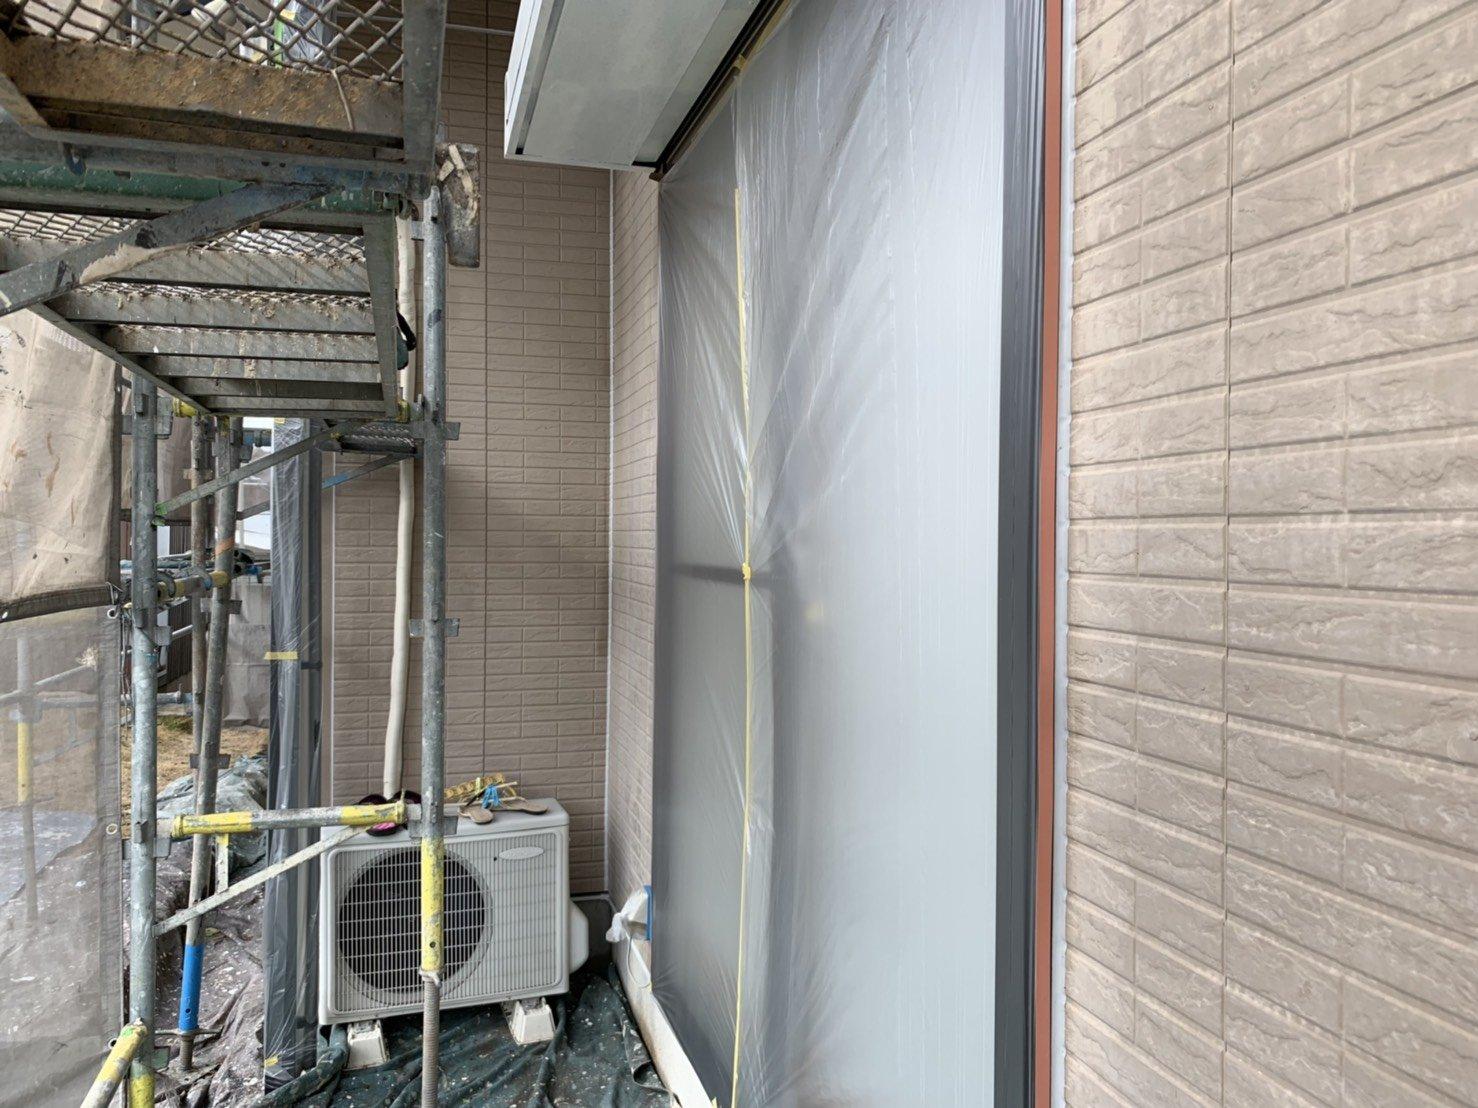 福岡県北九州市八幡西区T様邸施工2日目養生さび止め屋根下塗り外壁下塗り作業